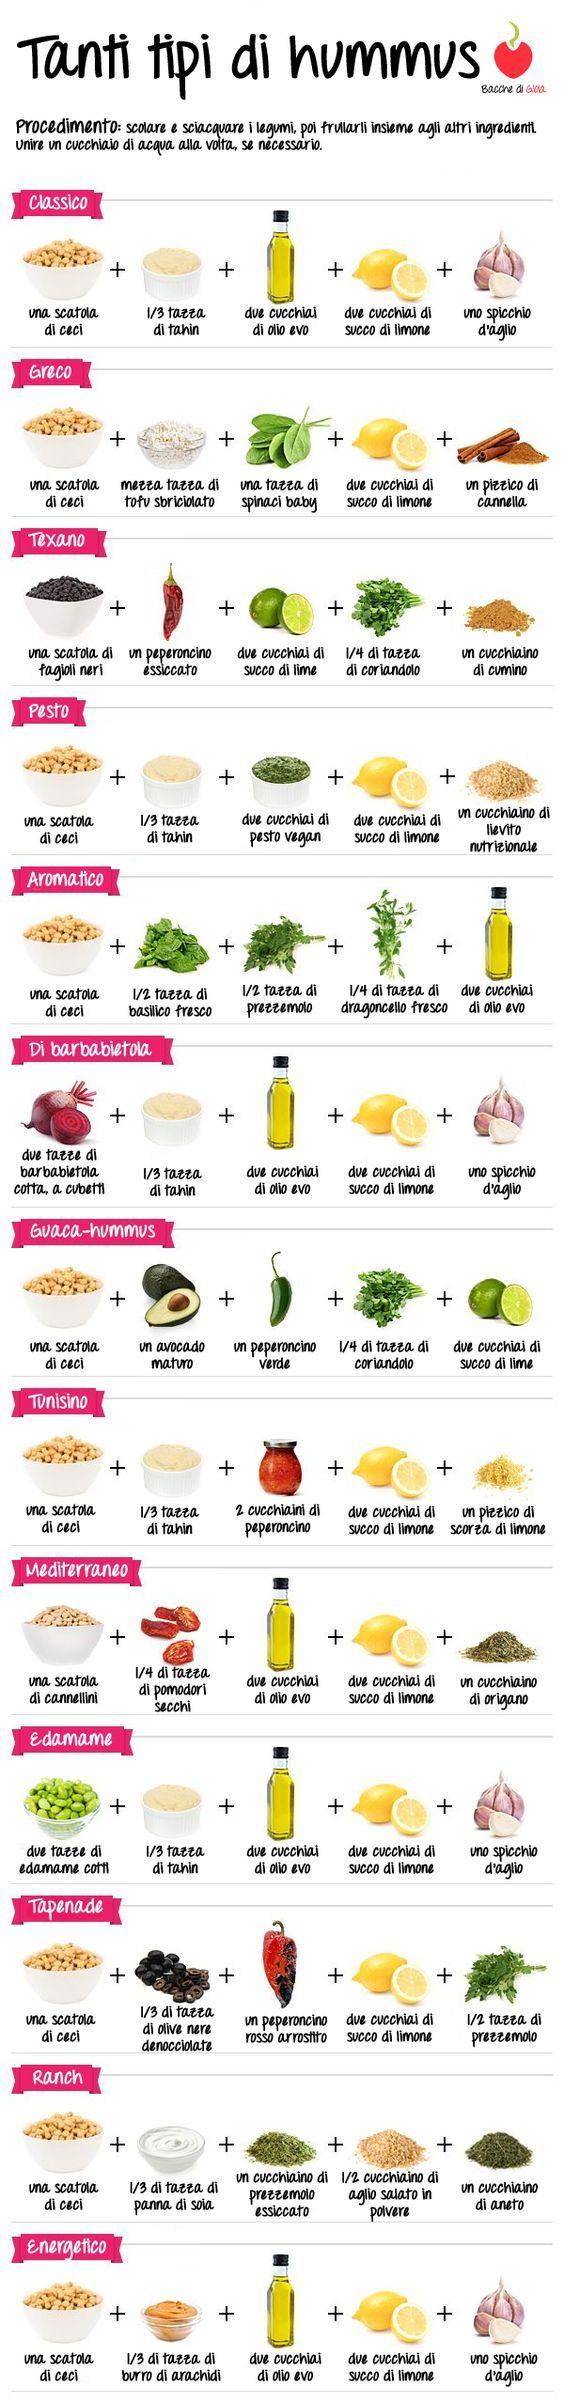 Ecco un ricettario veloce ed immediato per fare diverse versioni di hummus. Qual è la tua preferita?